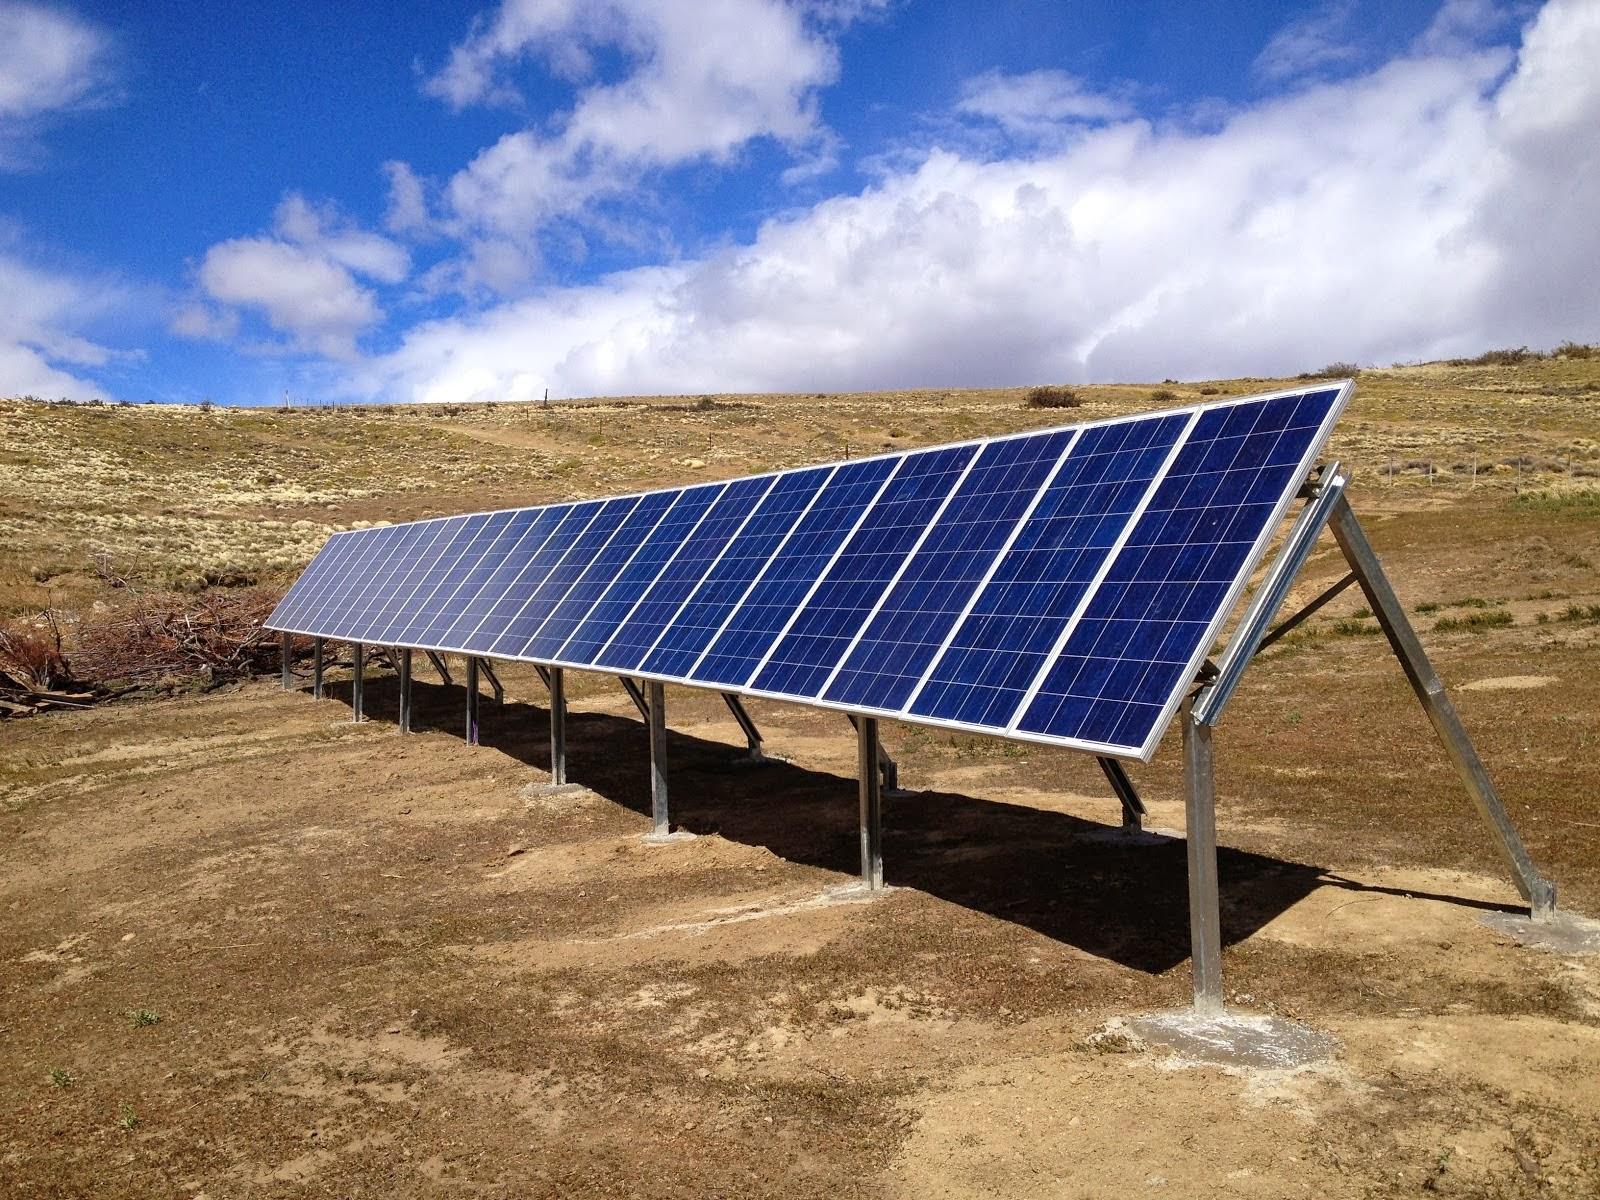 Paneles solares una forma de conseguir energ a paperblog - Paneles solares para abastecer una casa ...